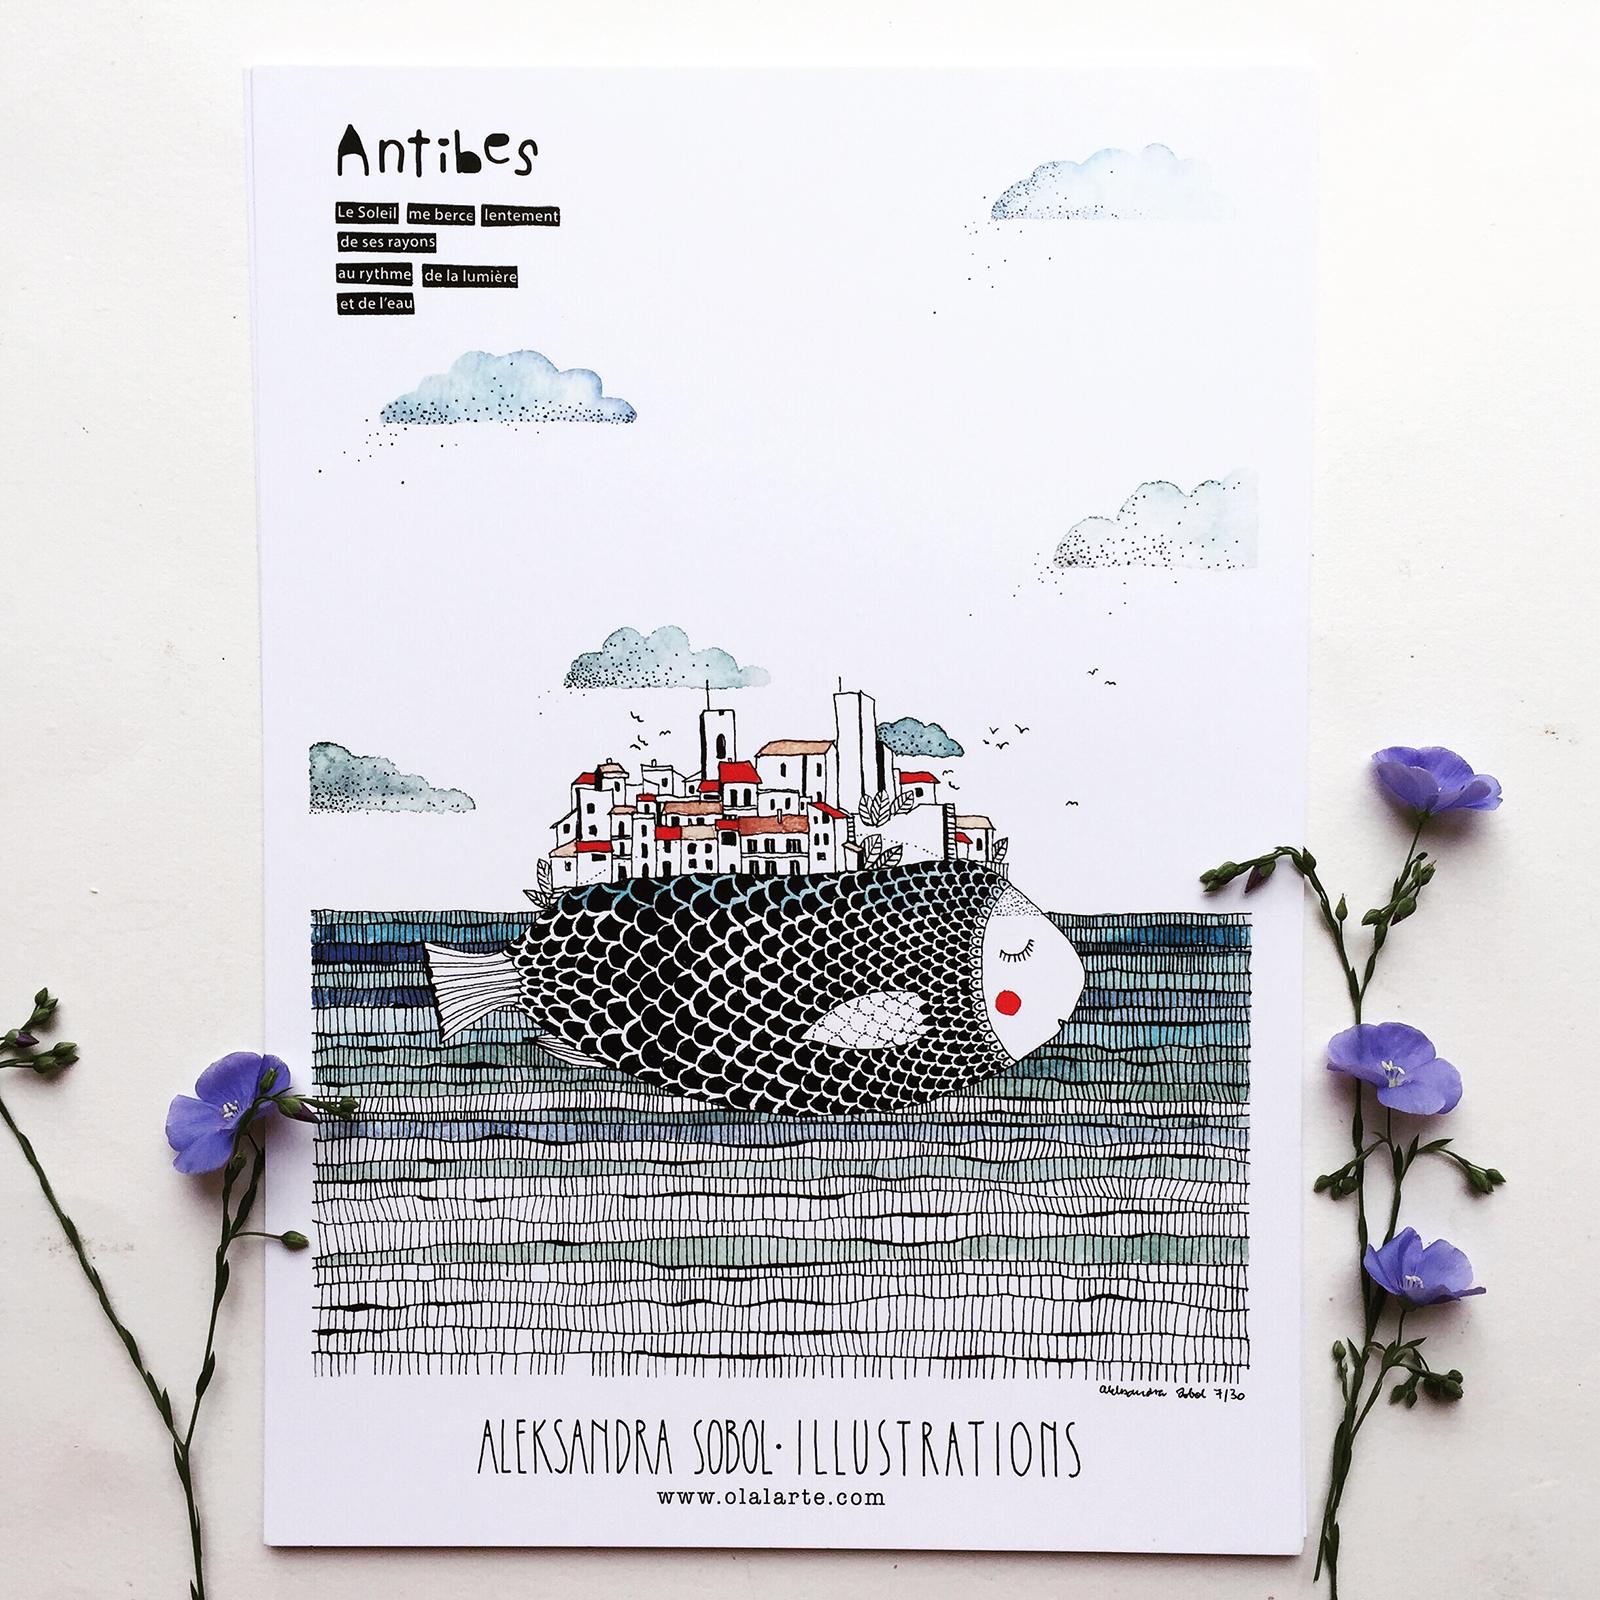 AFFICHE – ANTIBES